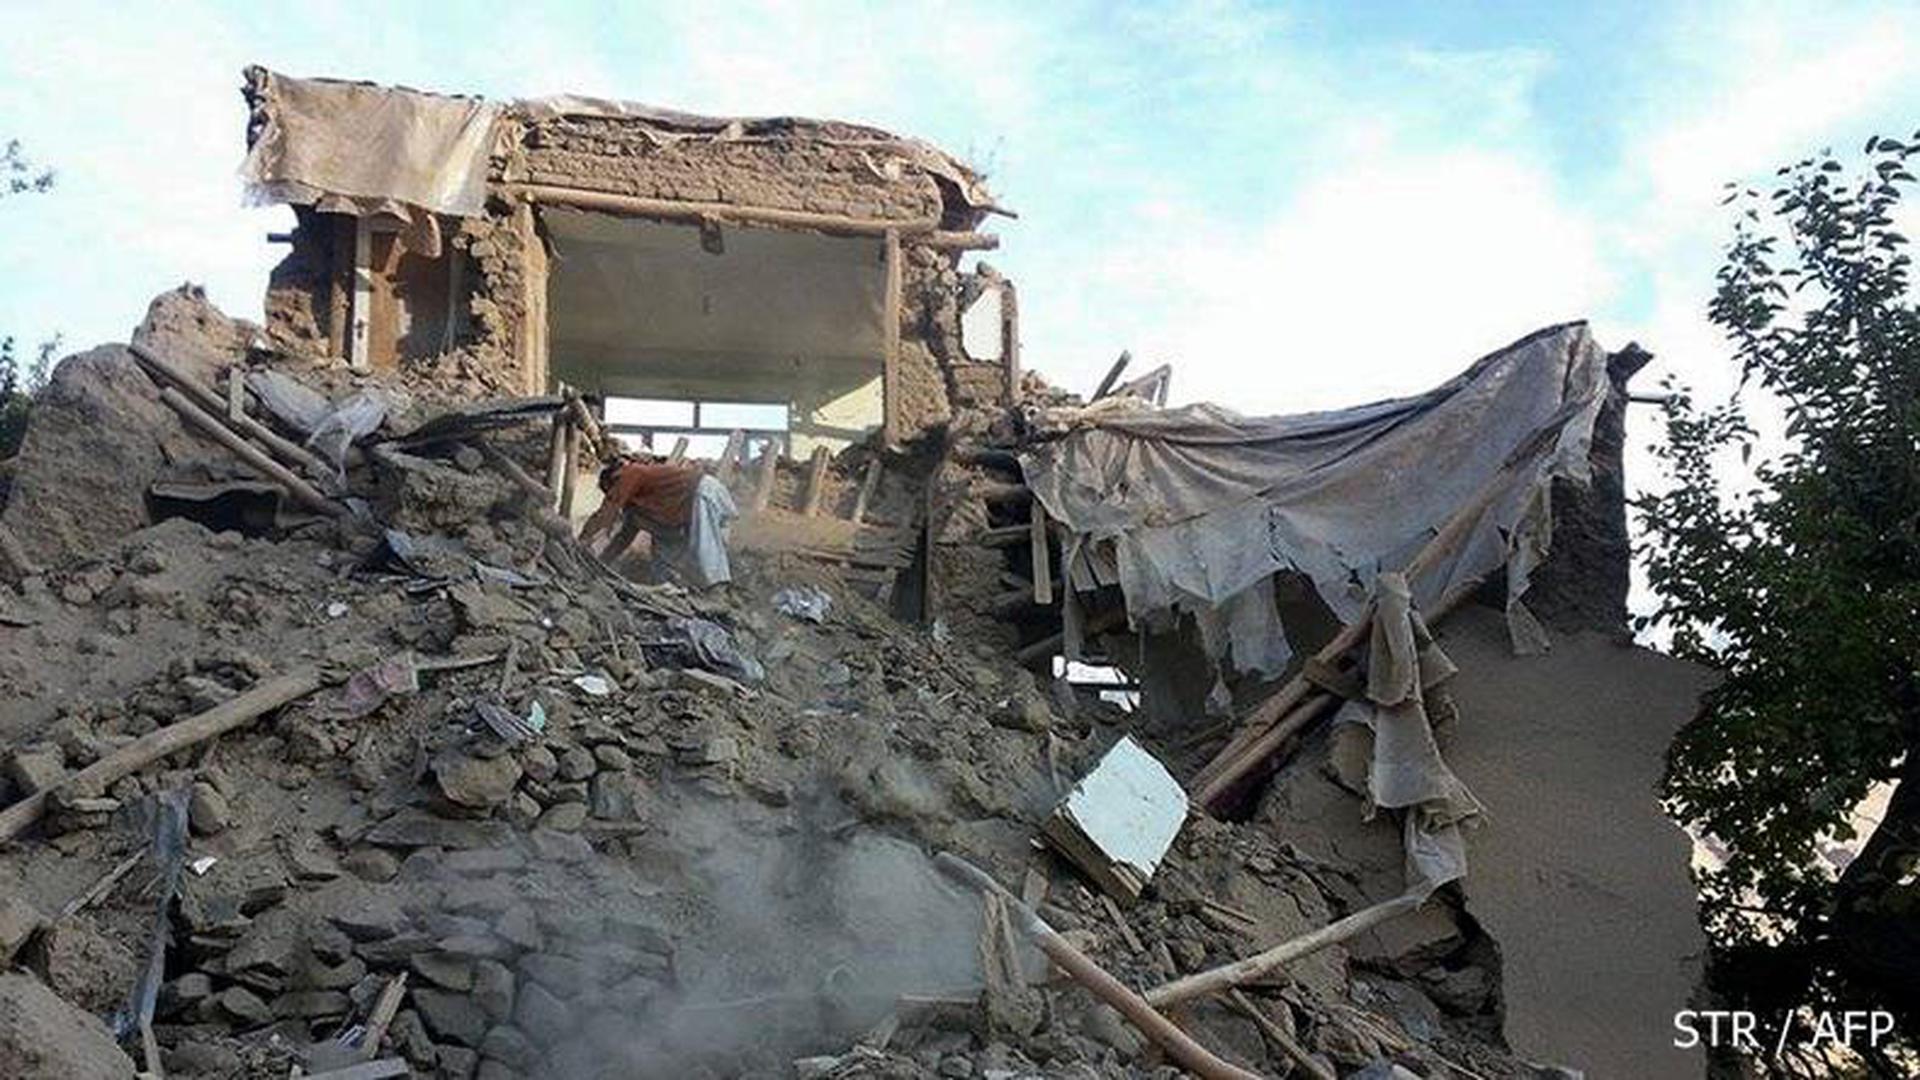 ยอดผู้เสียชีวิตเหตุแผ่นดินไหวอัฟกานิสถานพุ่ง 282 ราย